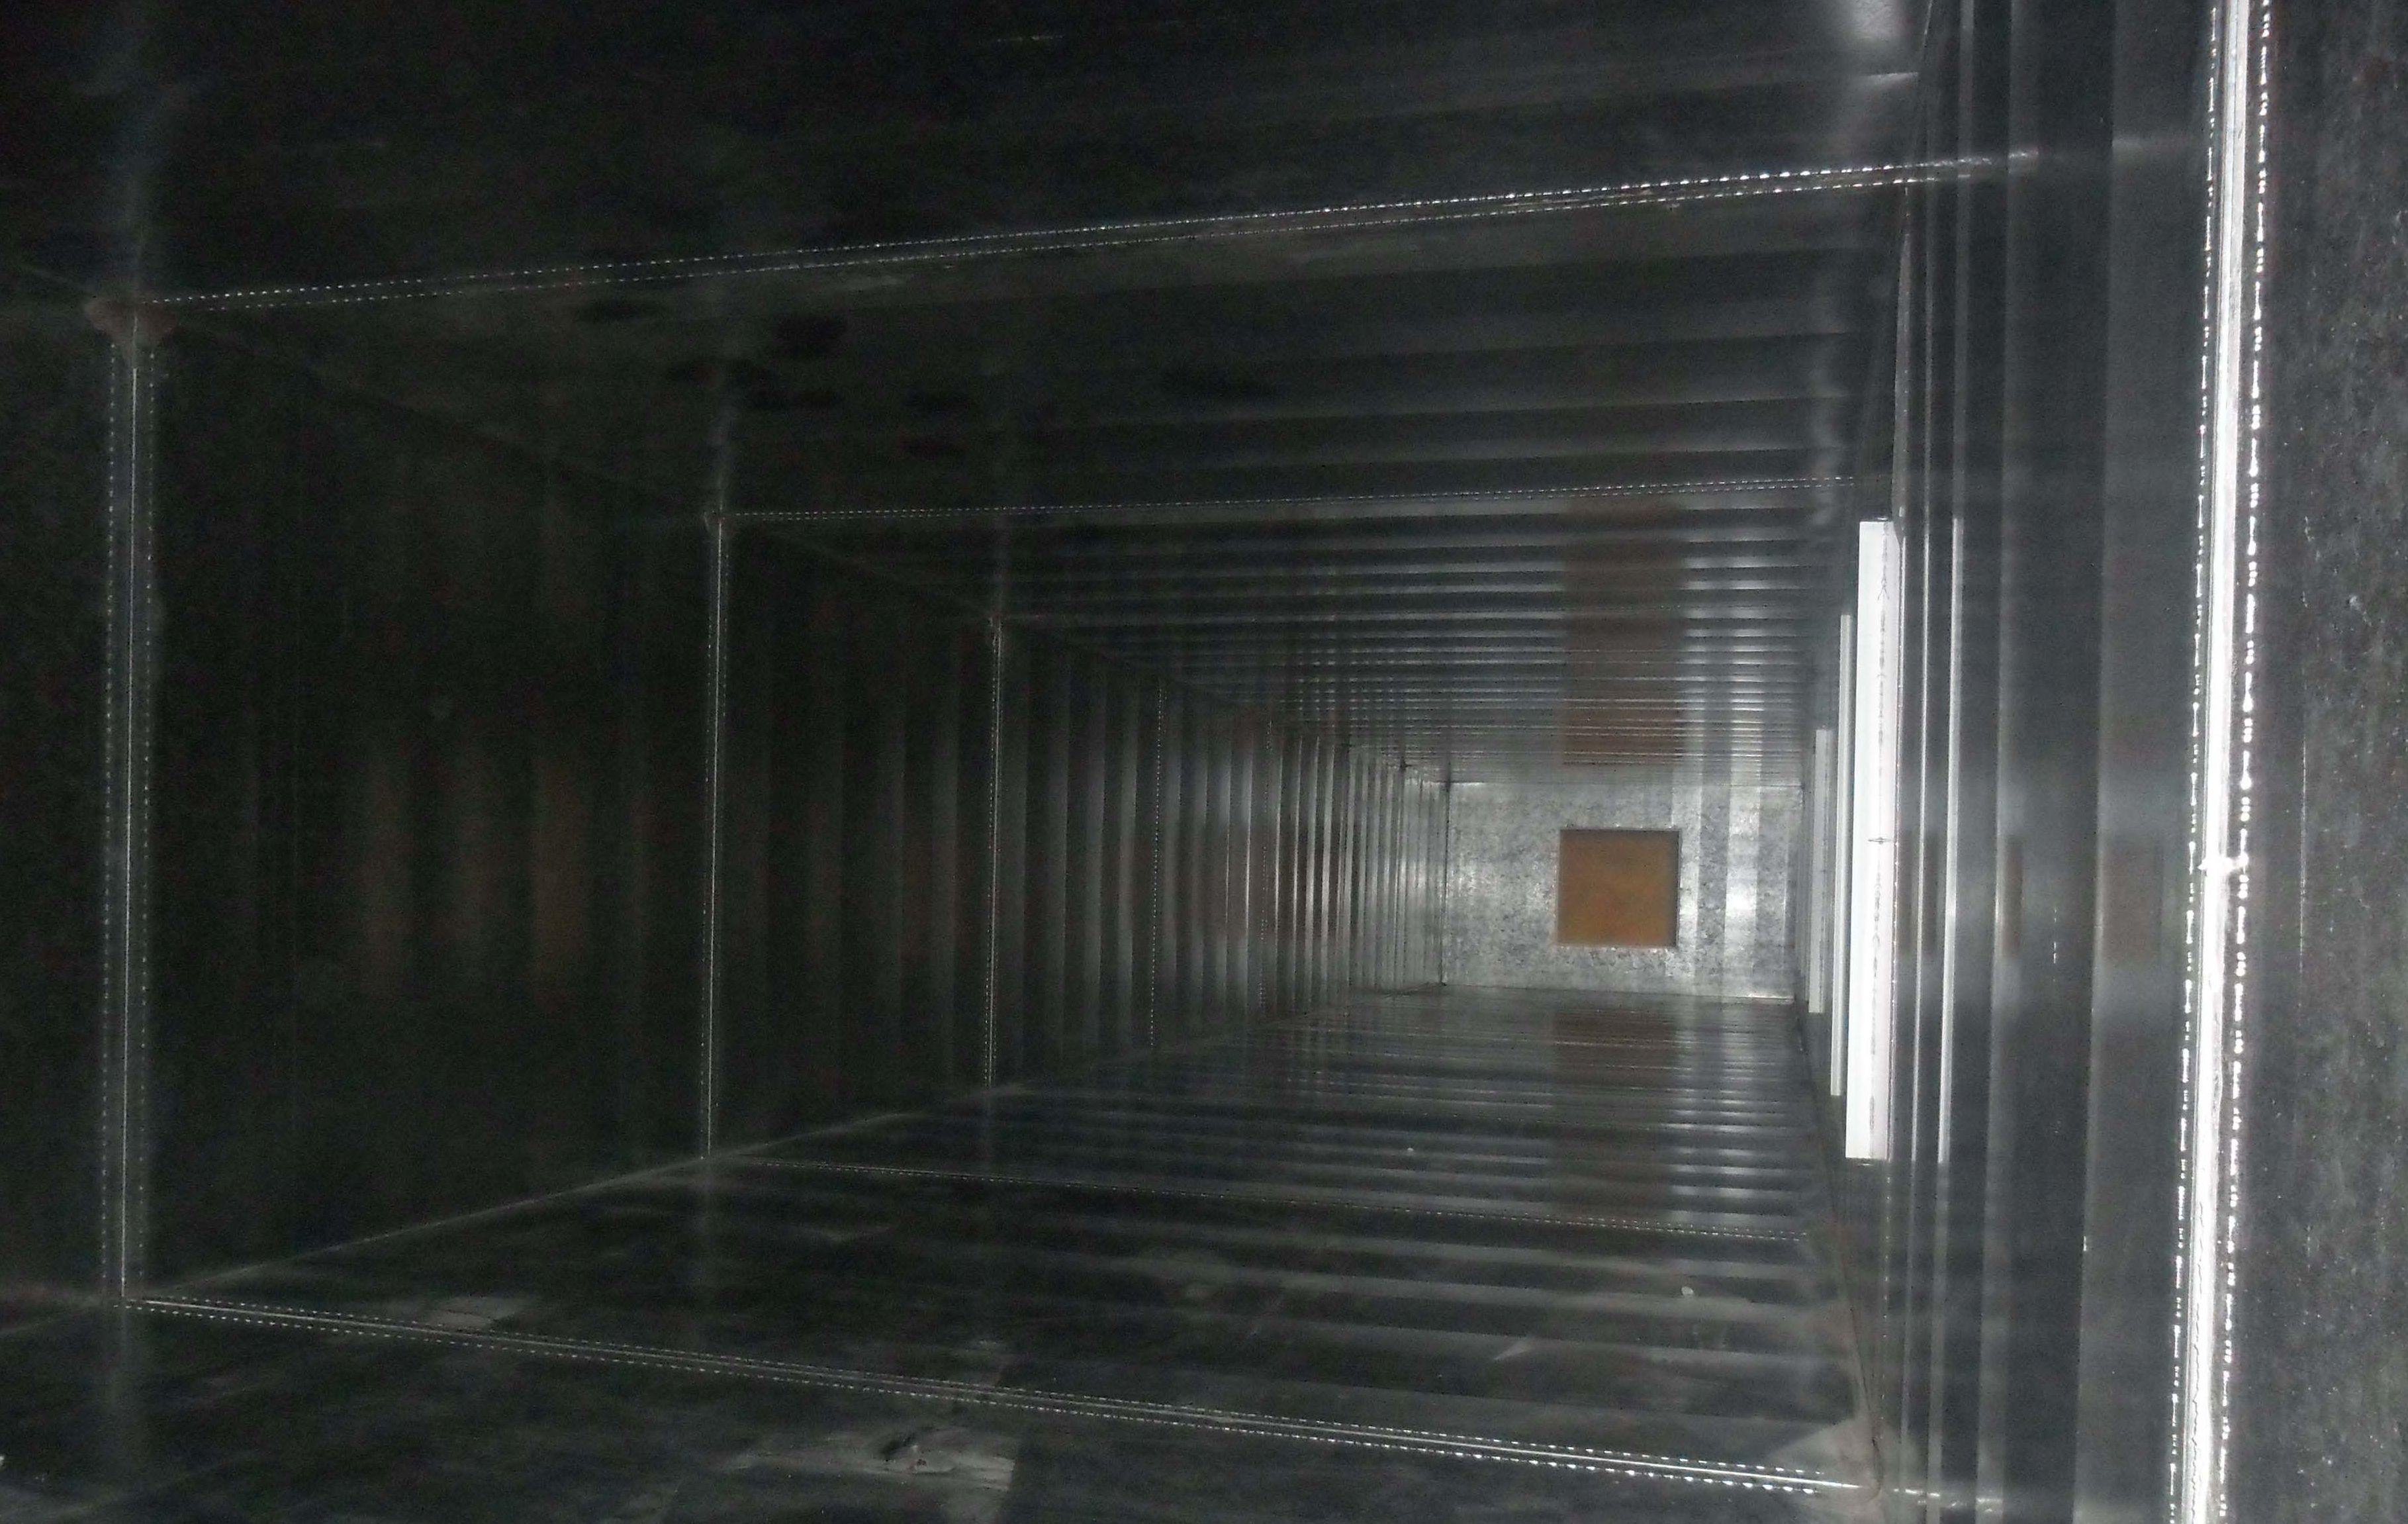 Limpieza de conductos aire acondicionado